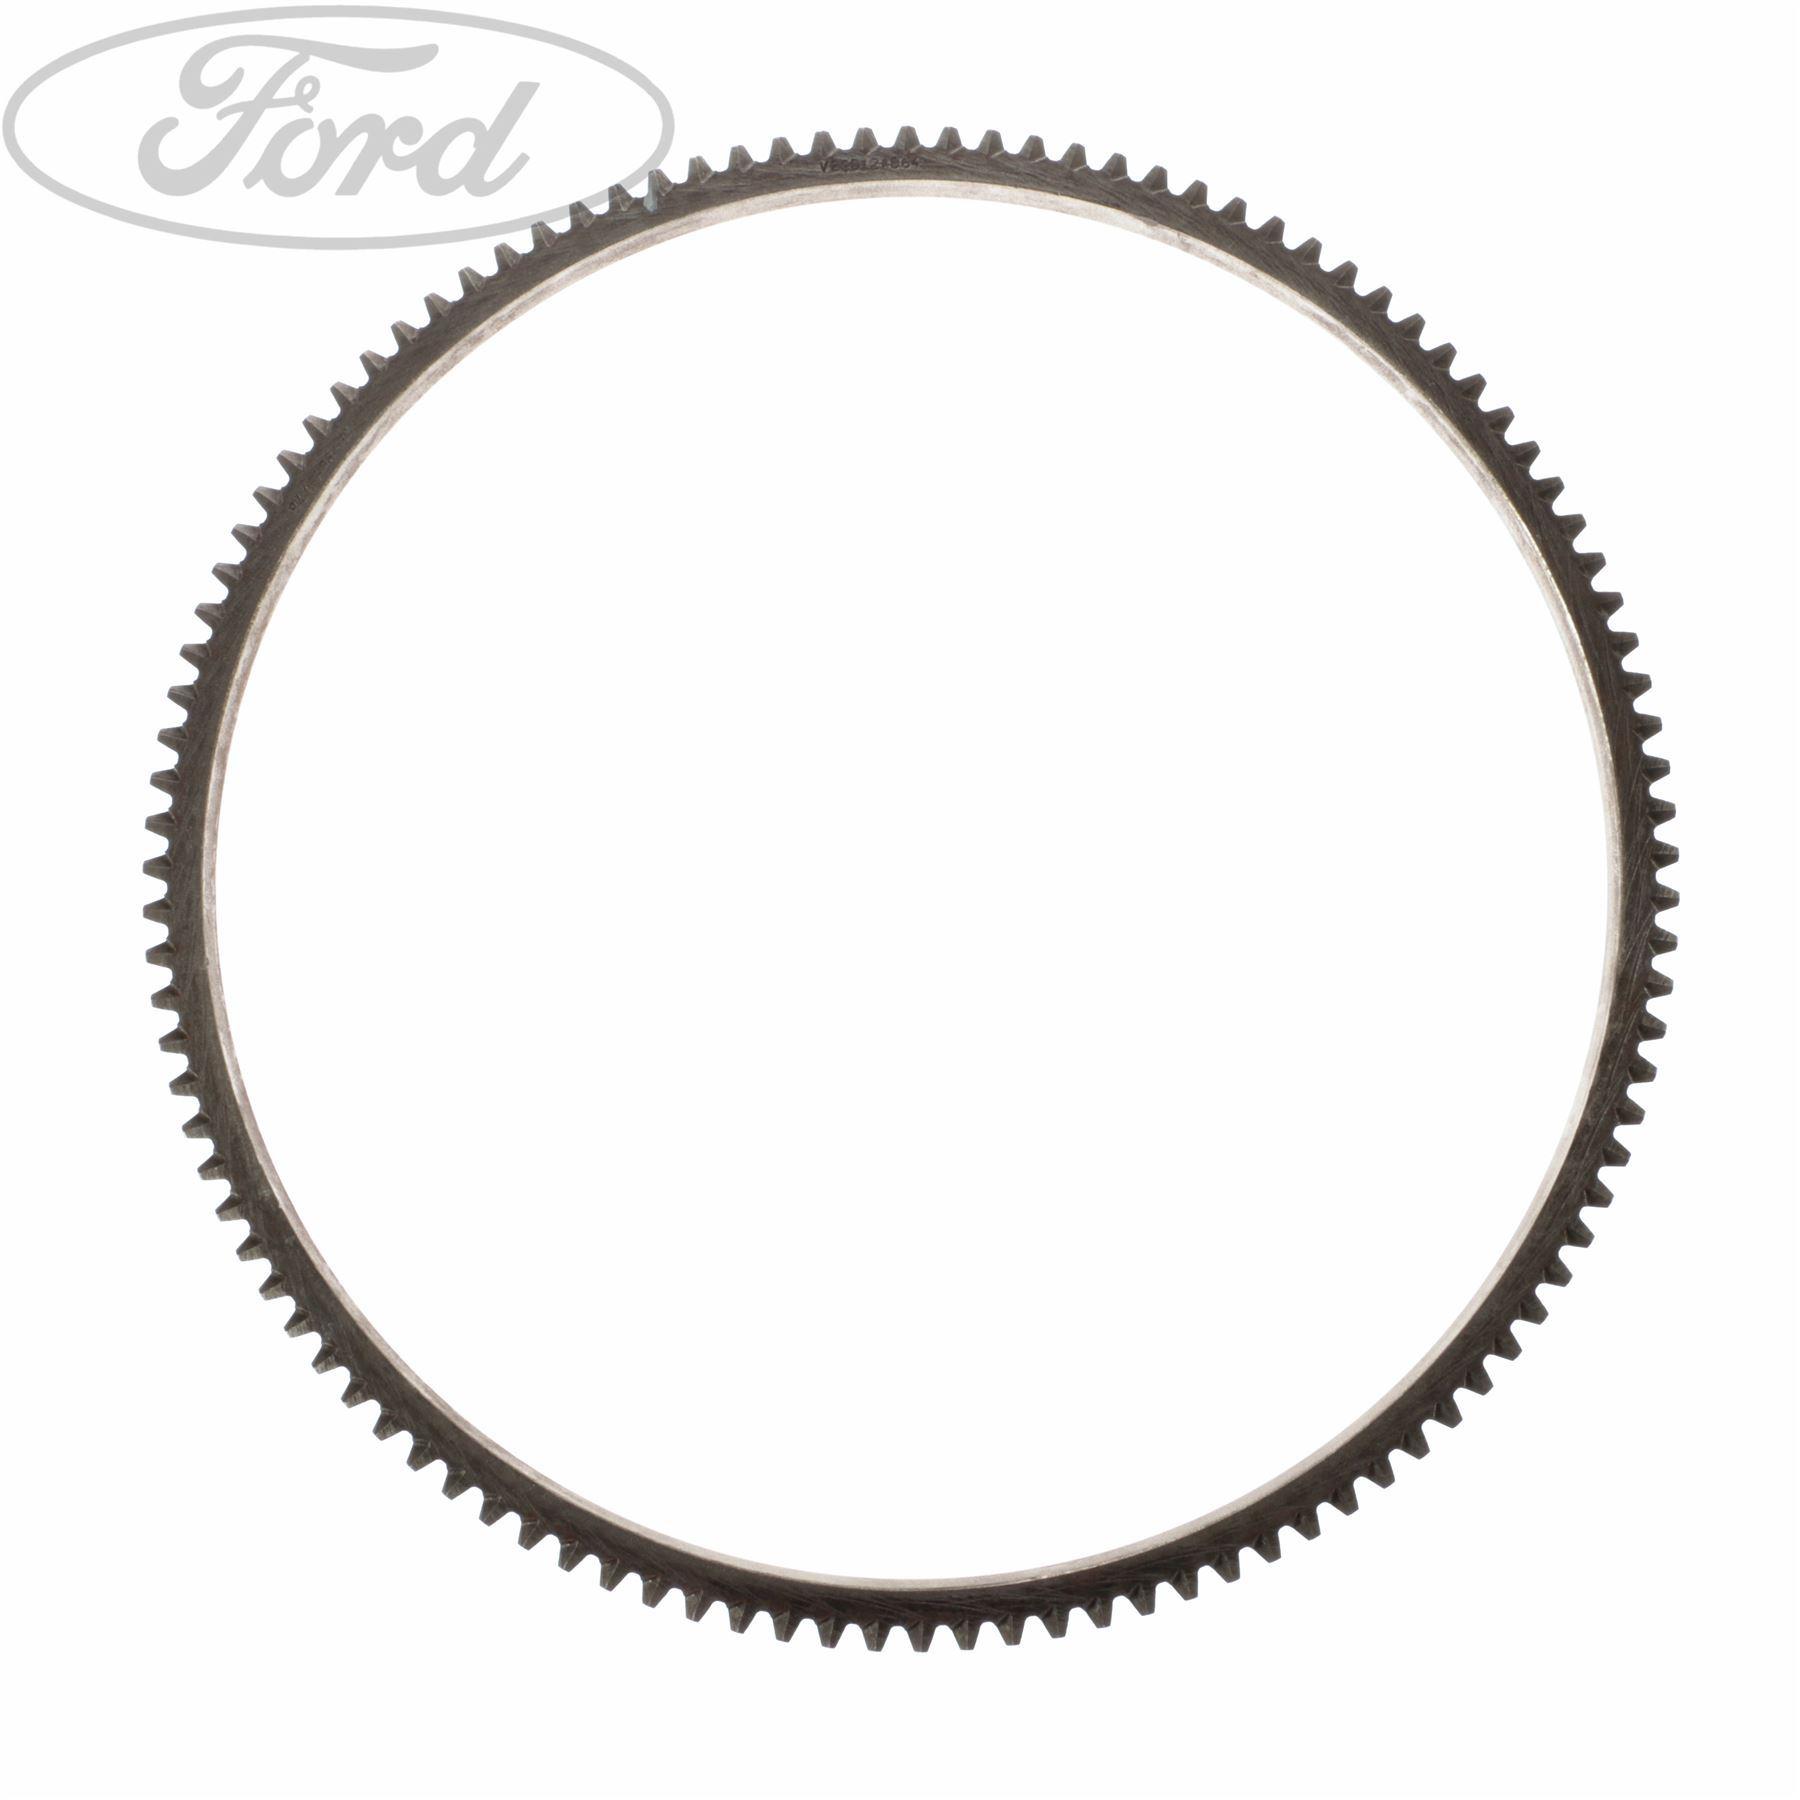 Genuine Ford Flywheel Ring Gear